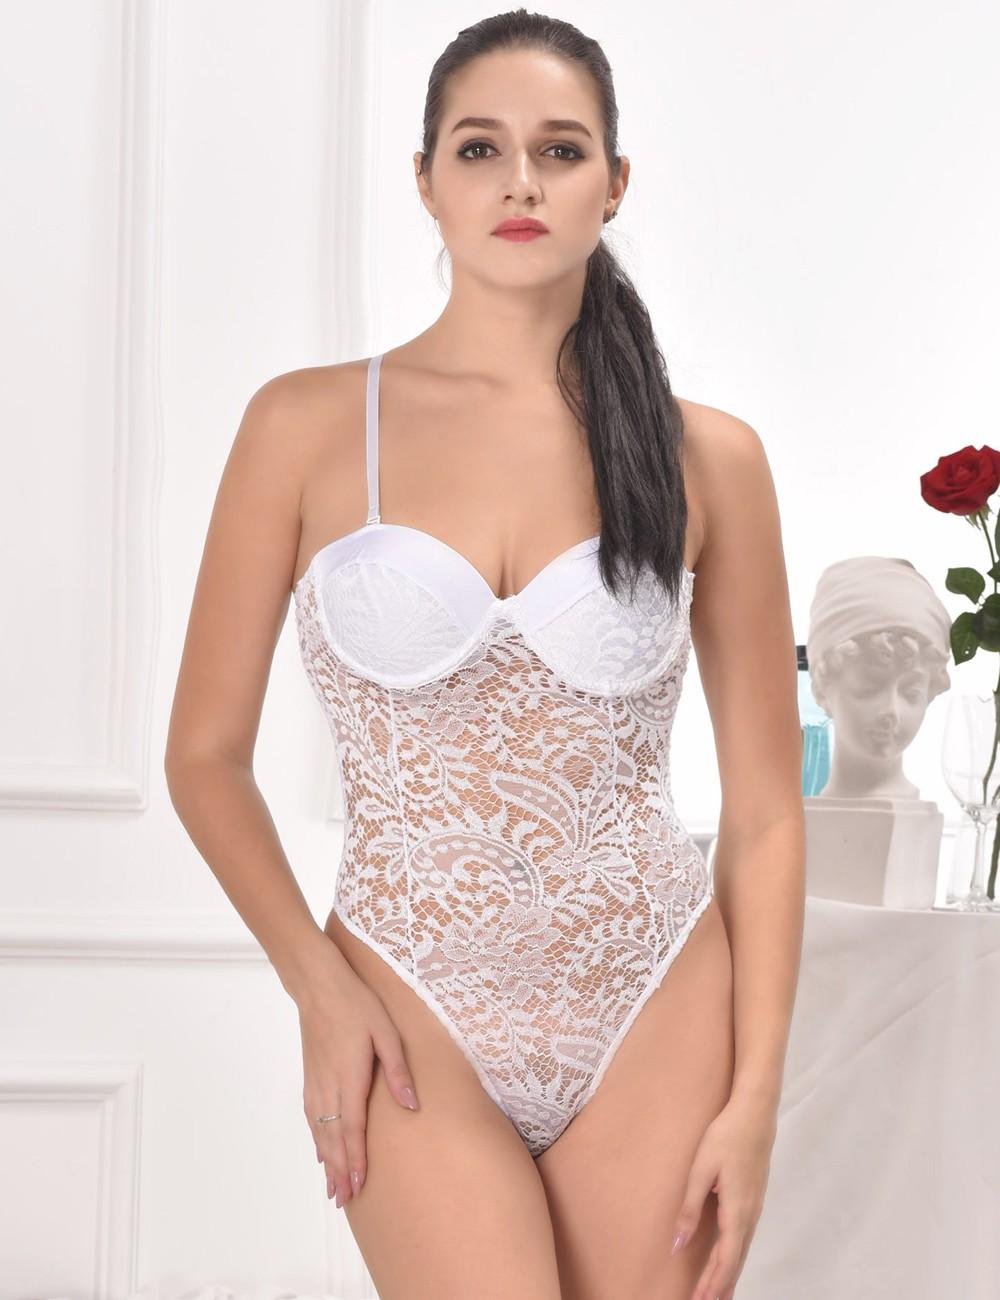 56de20447e9 Comeonlover Sexy Lingerie Hot Push-up Cup Lace Body Sexy Bodysuit Women  Lingerie Plus Size RT80285 Transparent Lace Body Teddy